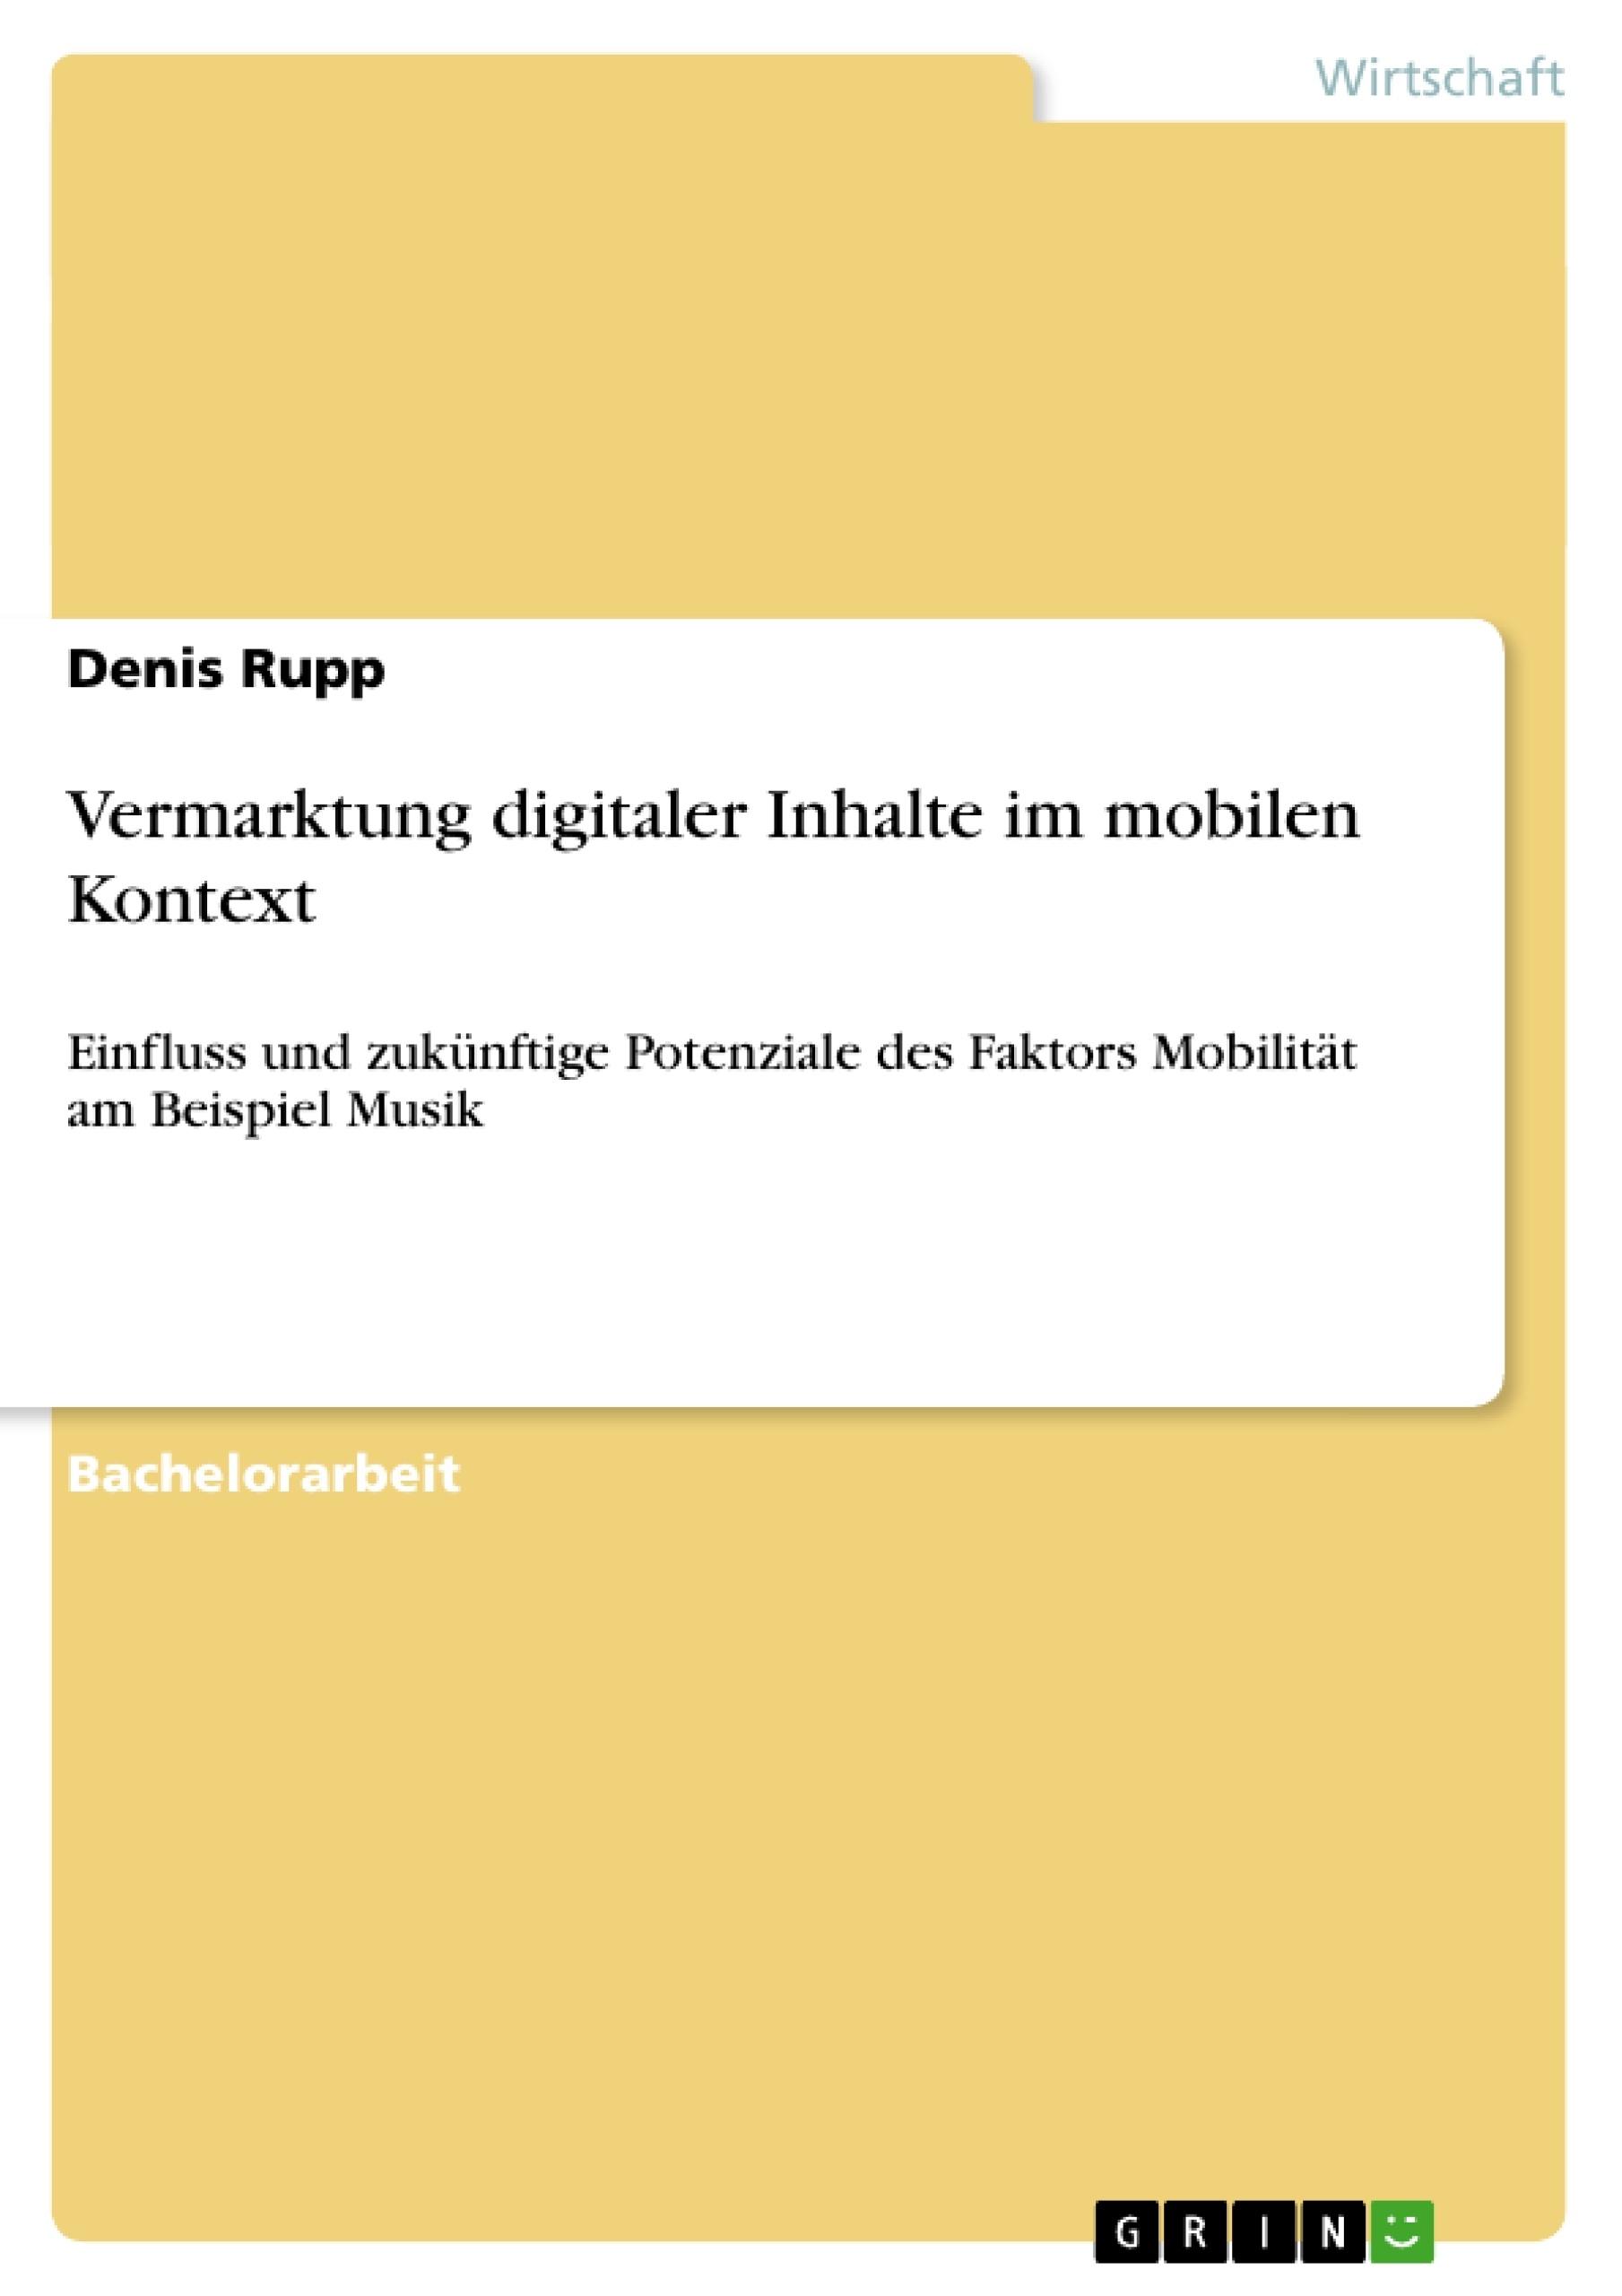 Titel: Vermarktung digitaler Inhalte im mobilen Kontext